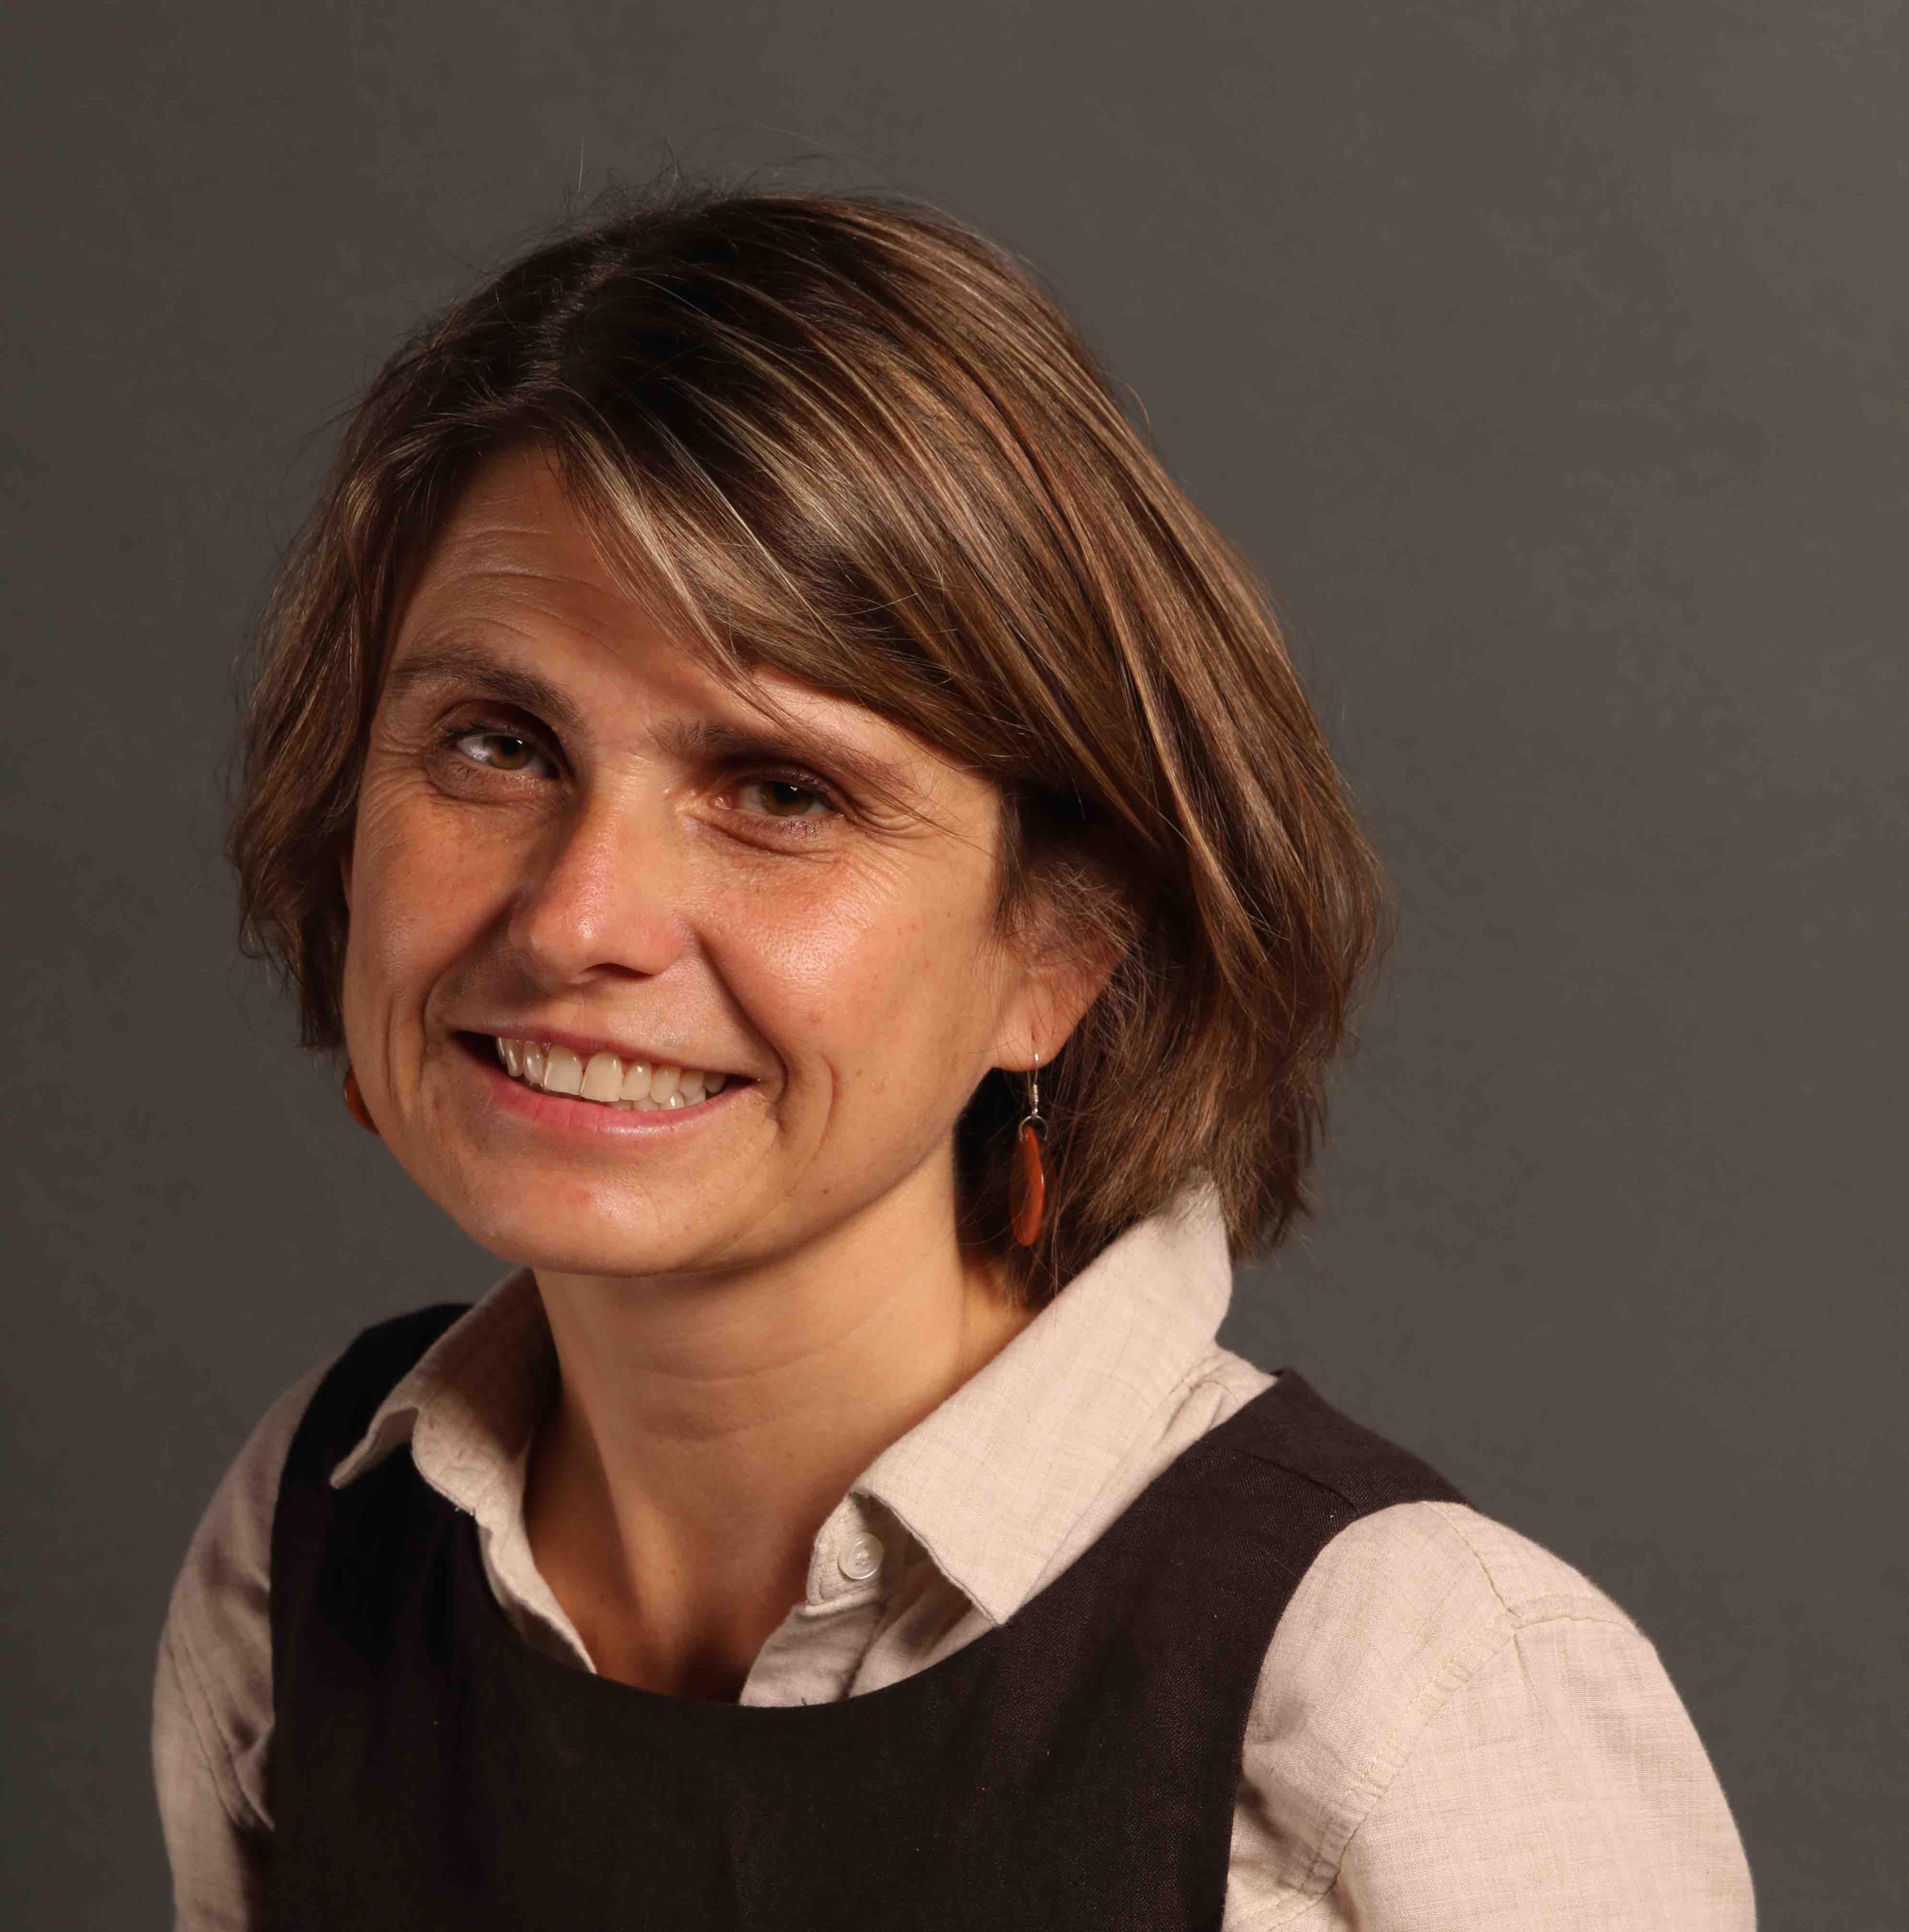 Headshot of Associate Professor Magdalena Kazubowski-Houston.